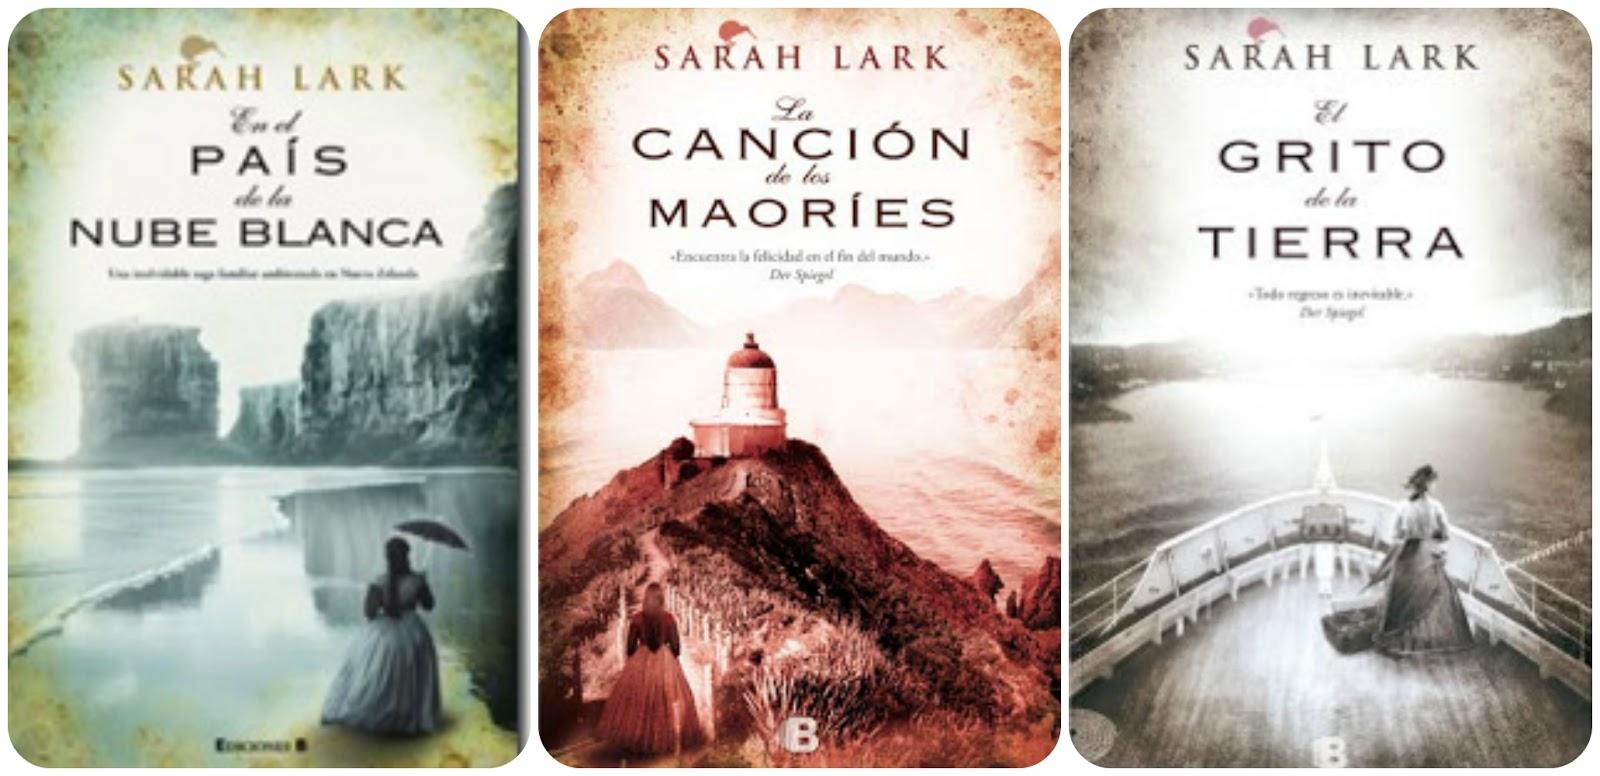 Resultado de imagen de sarah lark libros